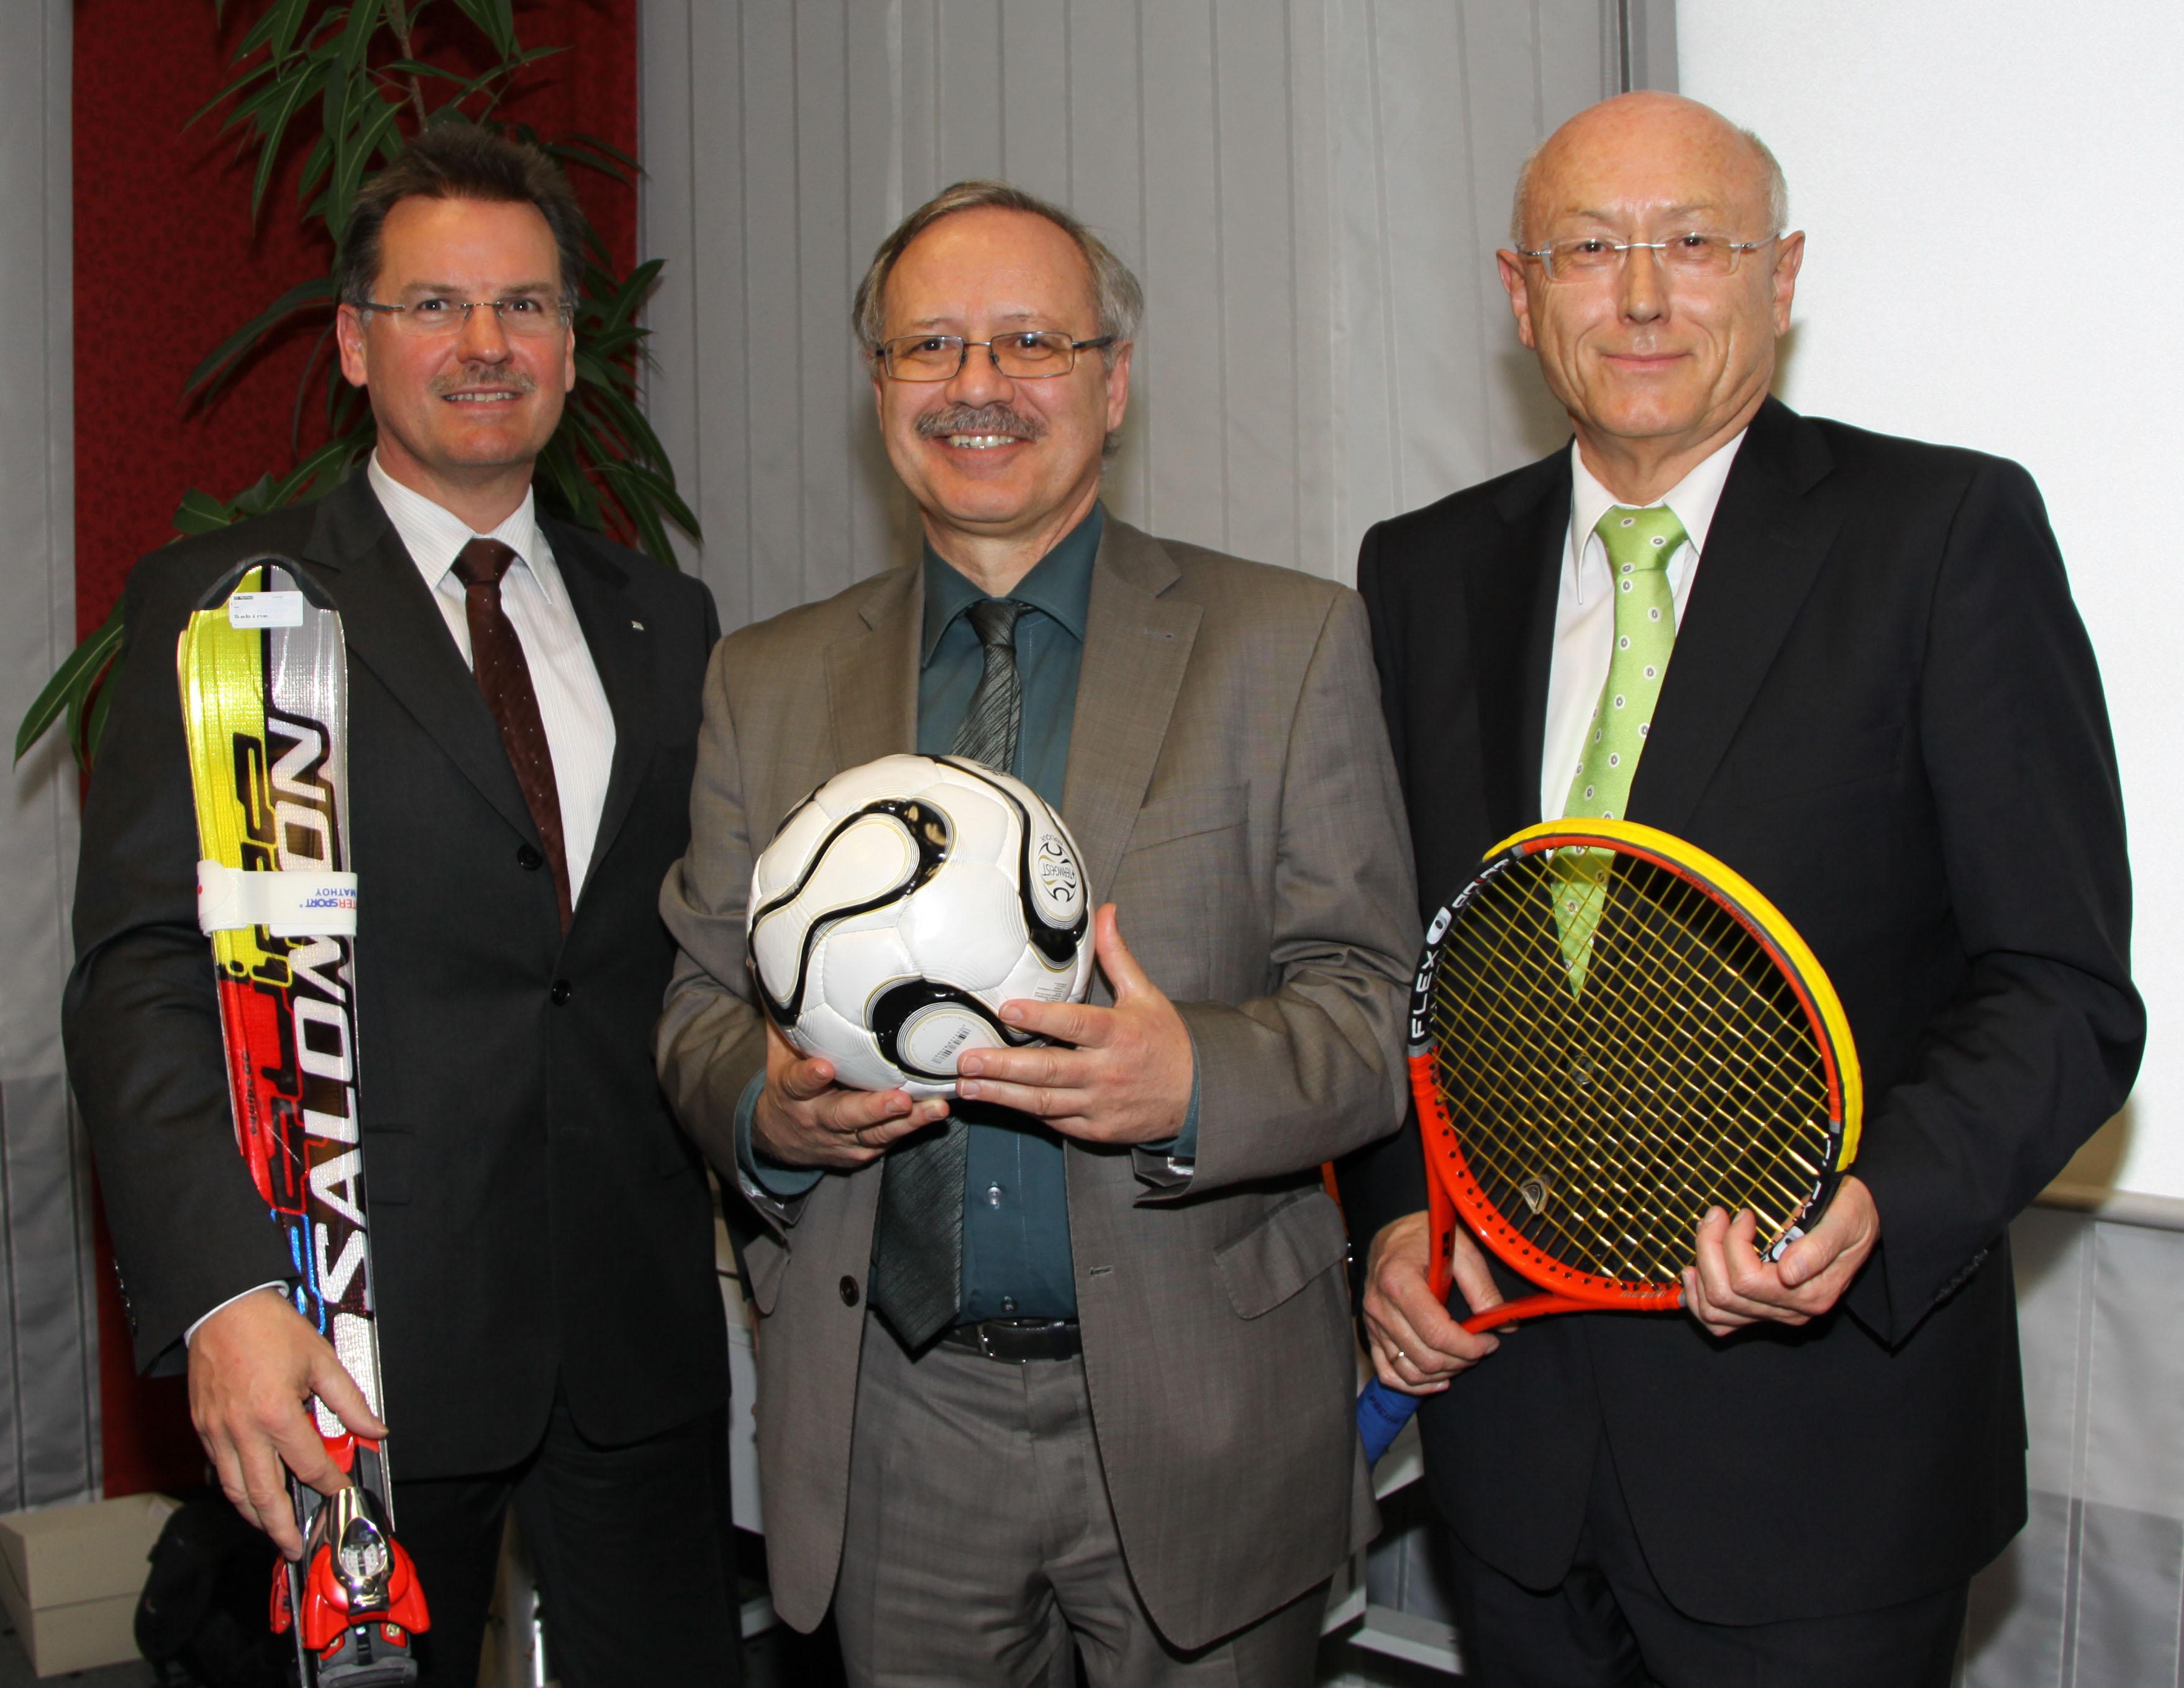 von links: Otto Wengenmeyer, Vorstandsvorsitzender der Raiffeisenbank Krumbach eG, Landrat Hubert Hafner und Helmut Atzkern, Vorstandsvorsitzender der Raiffeisenbank Thannhausen eG